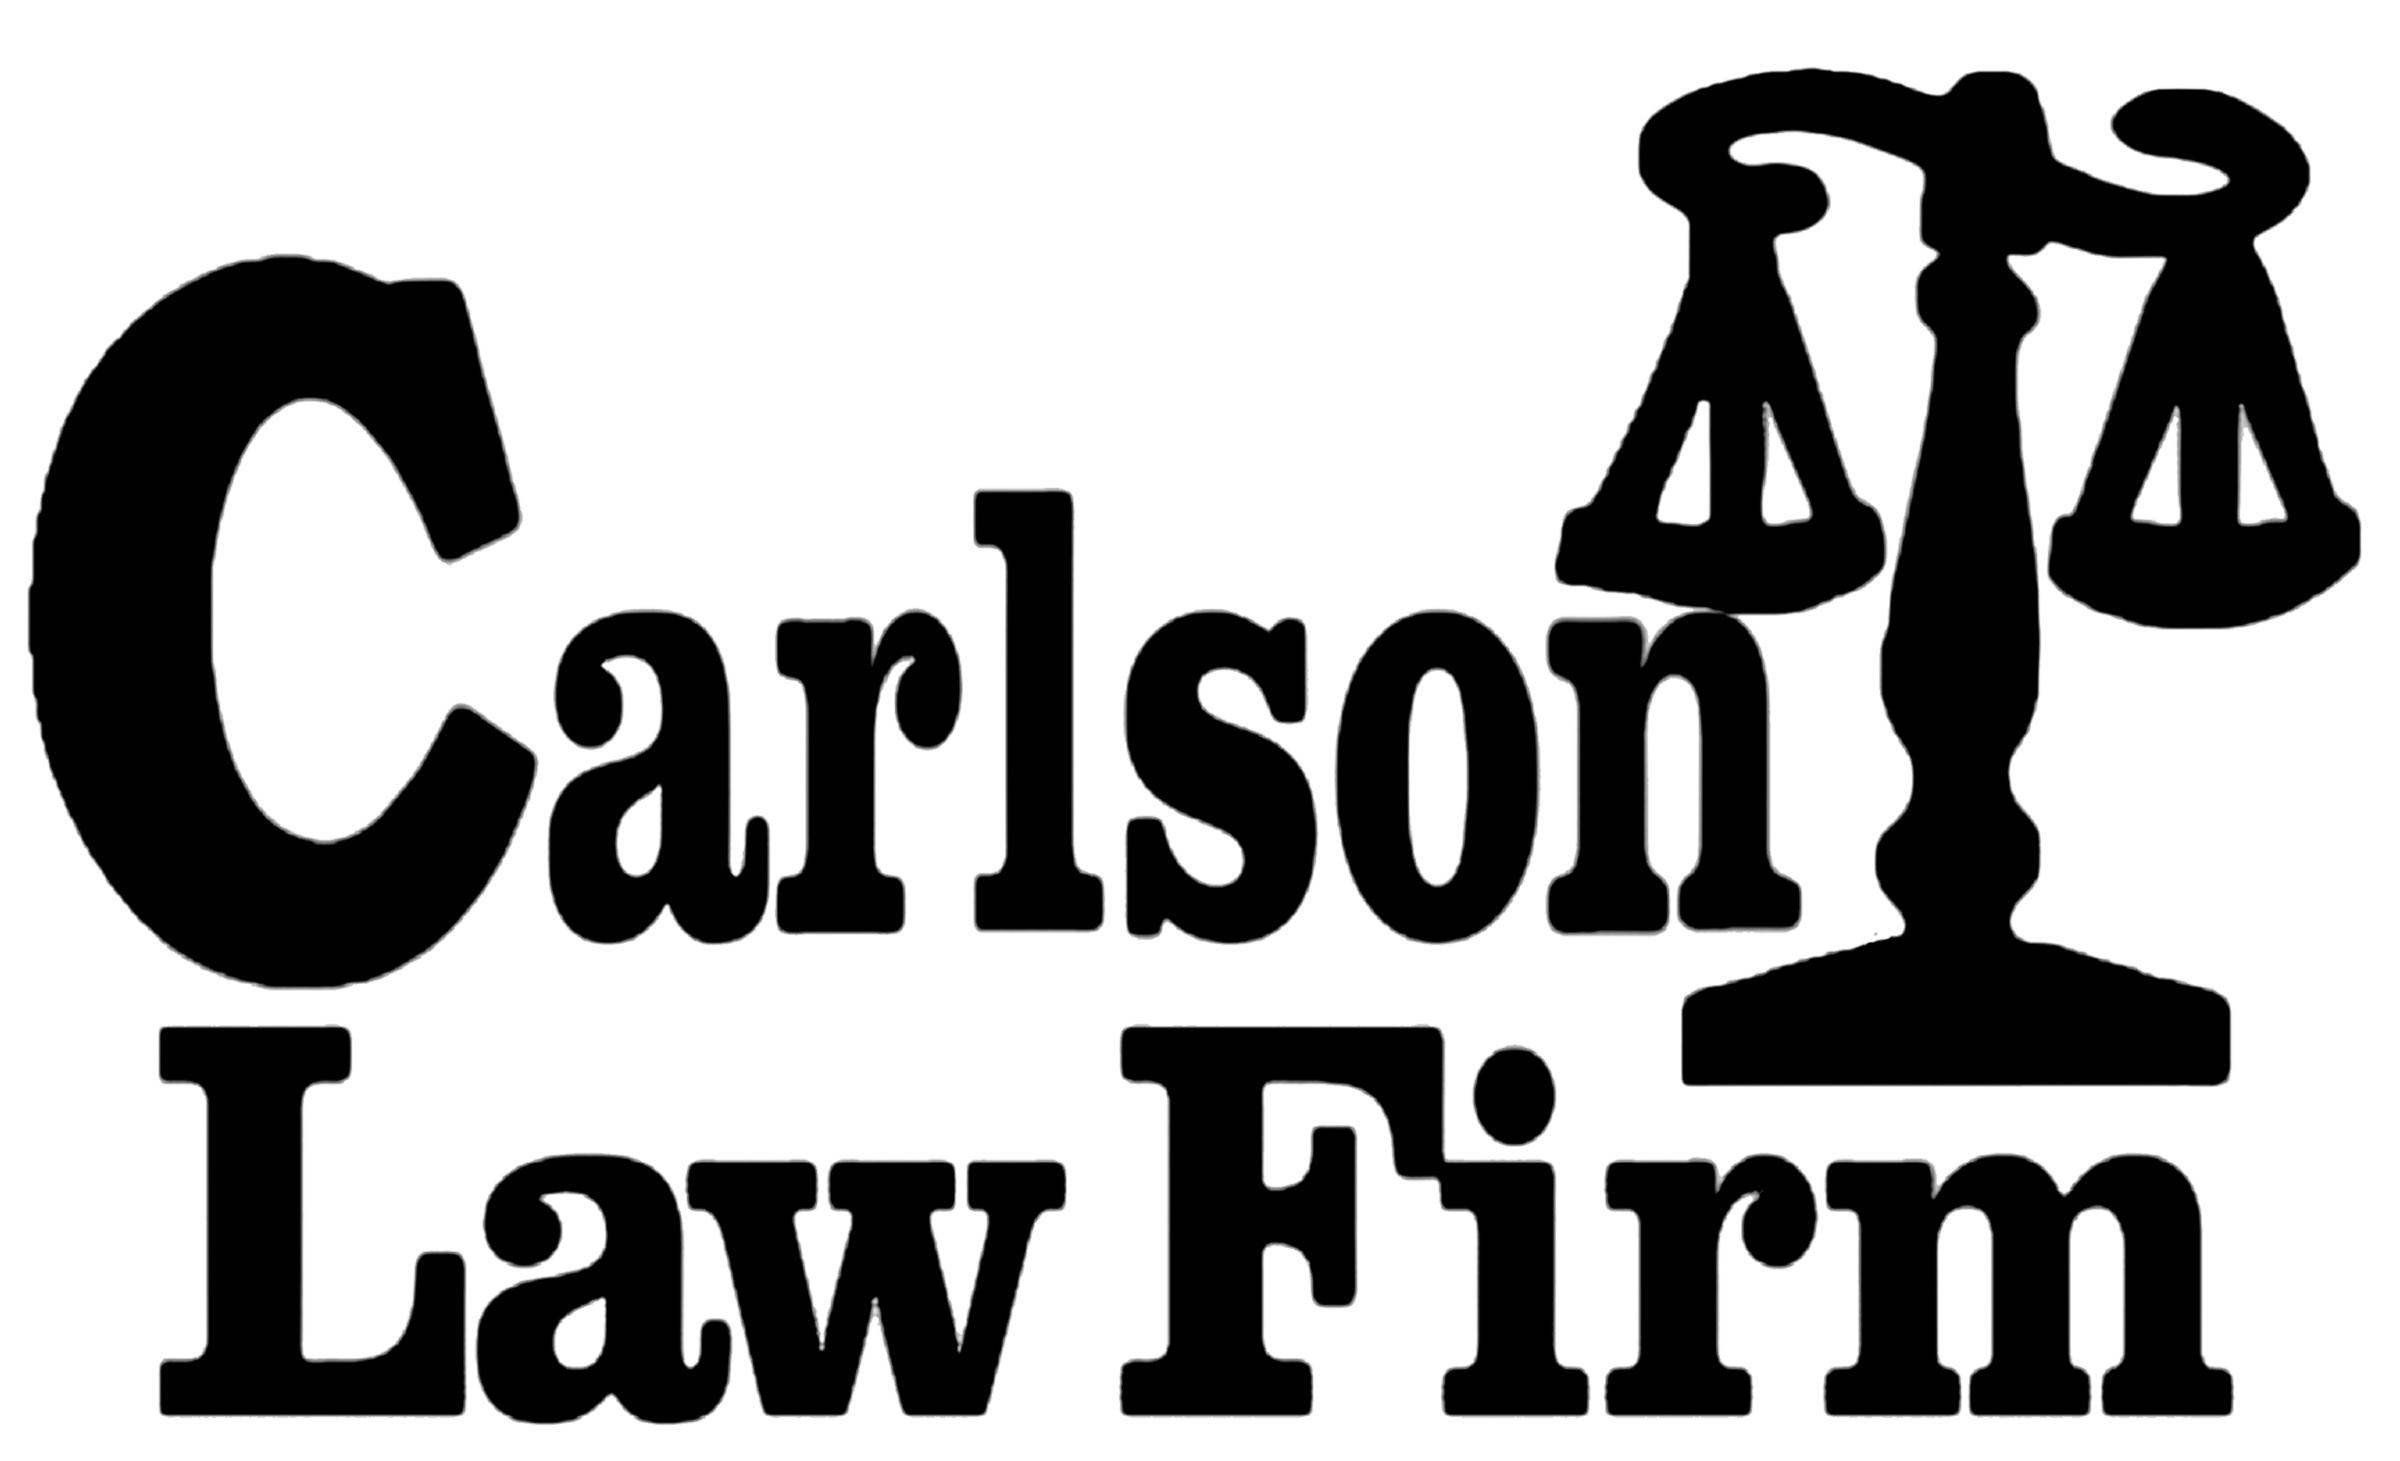 carlson law firm